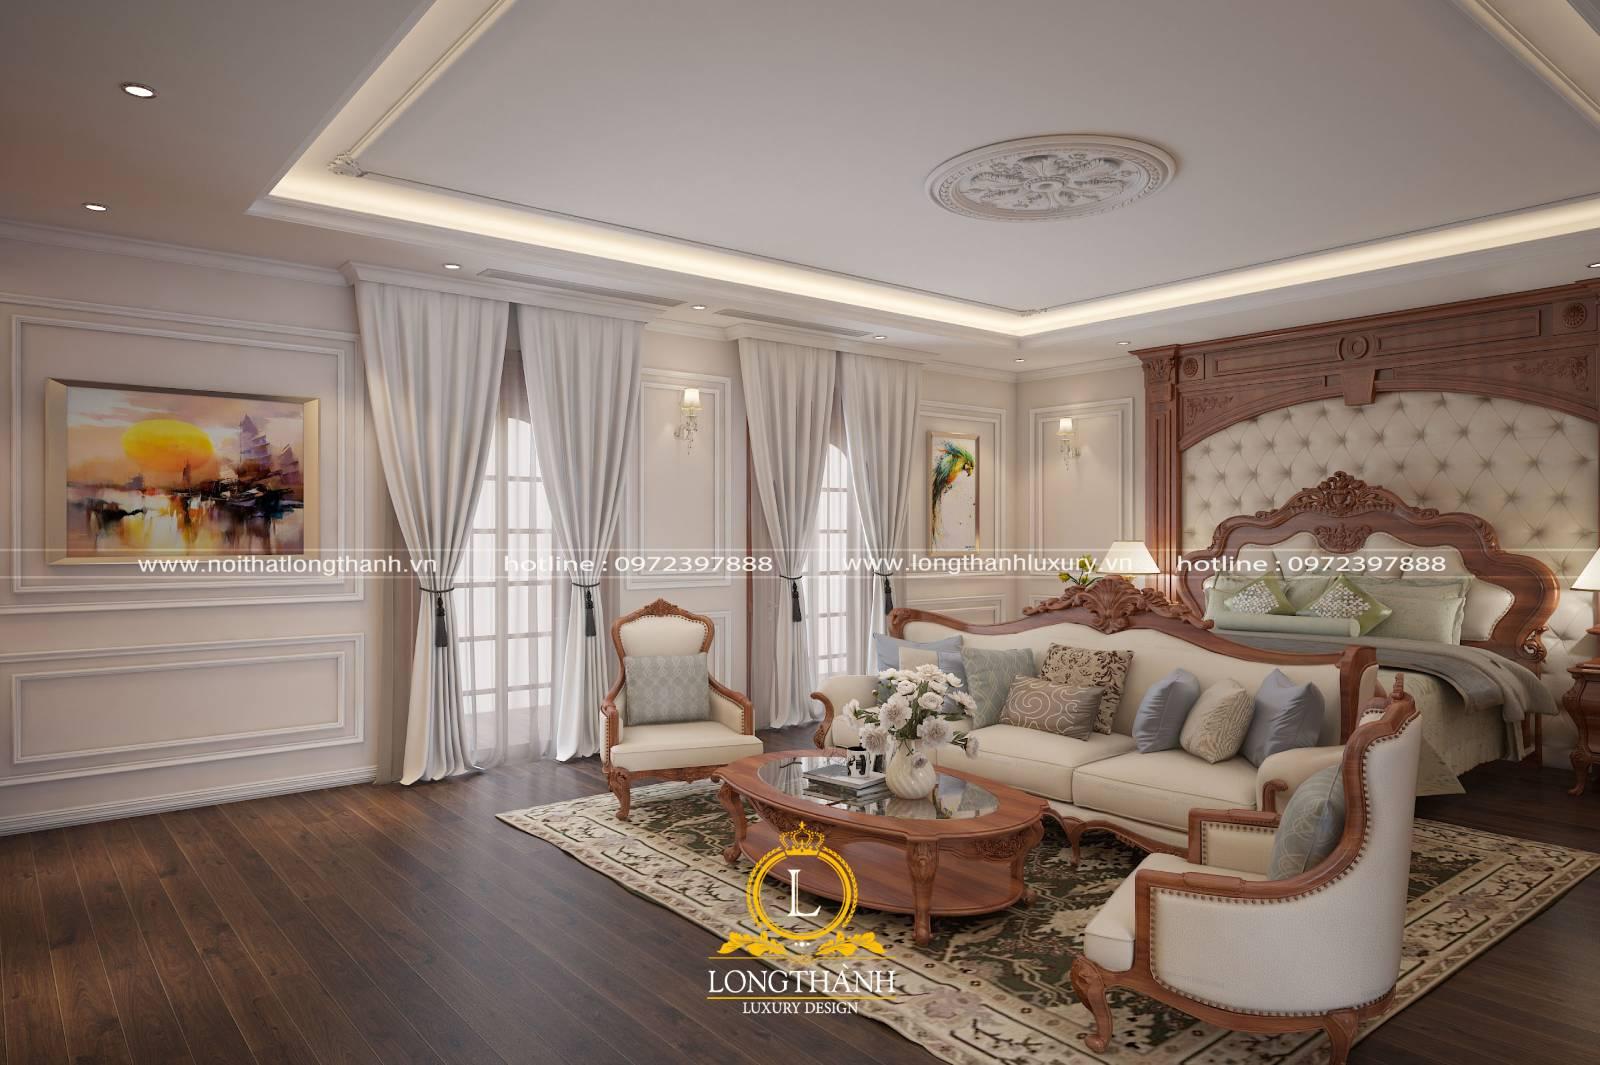 Phòng ngủ master tân cổ điển sử dụng gỗ và da cao cấp